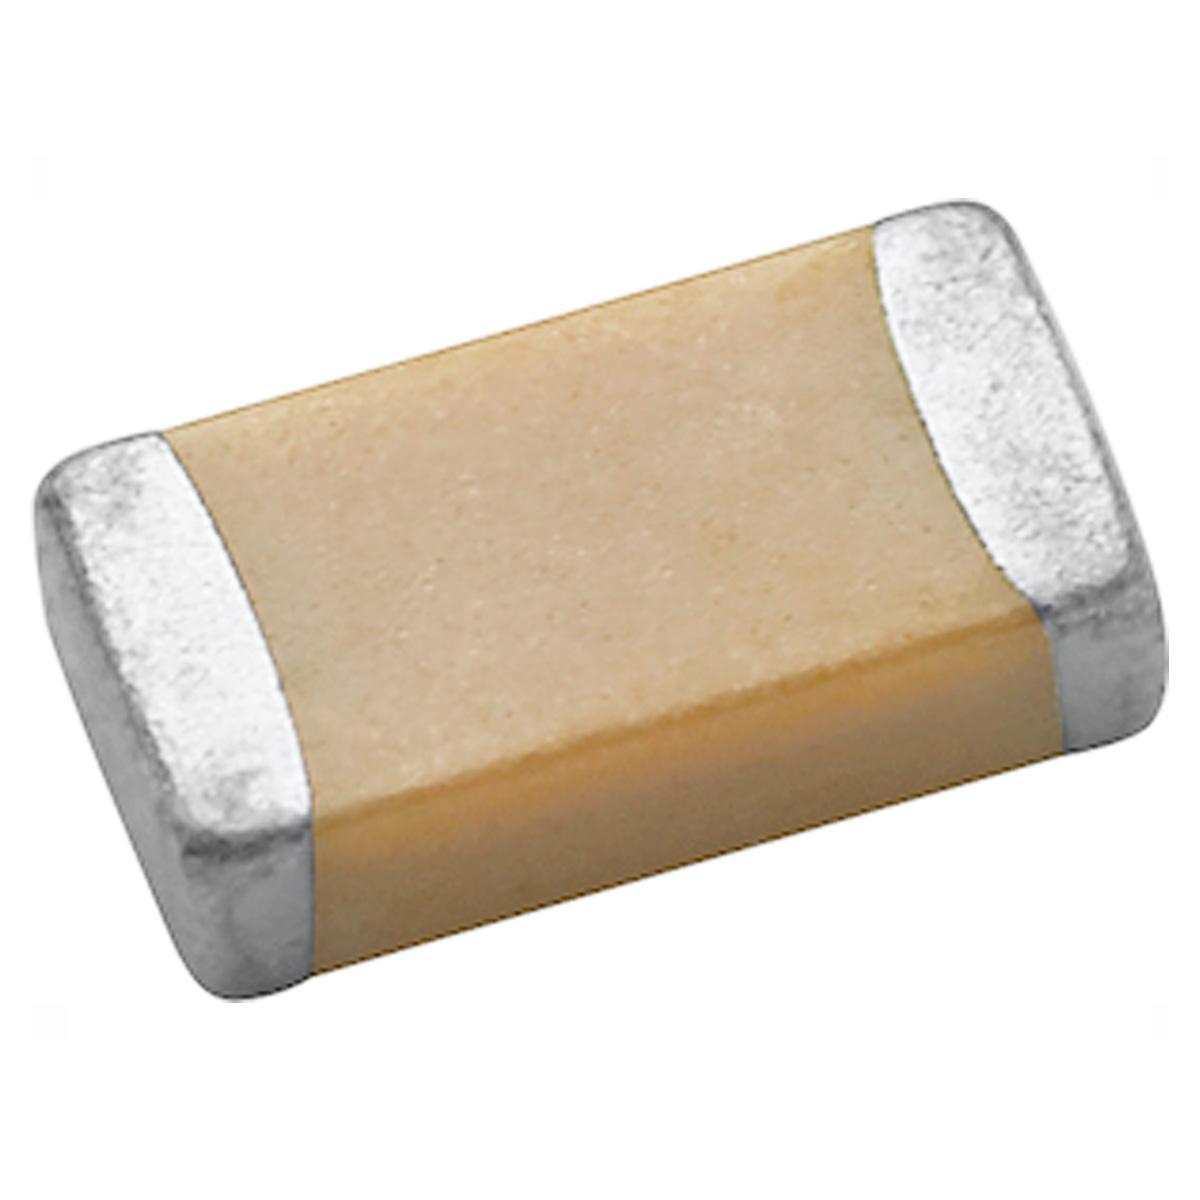 10 Pf Ceramic Capicator